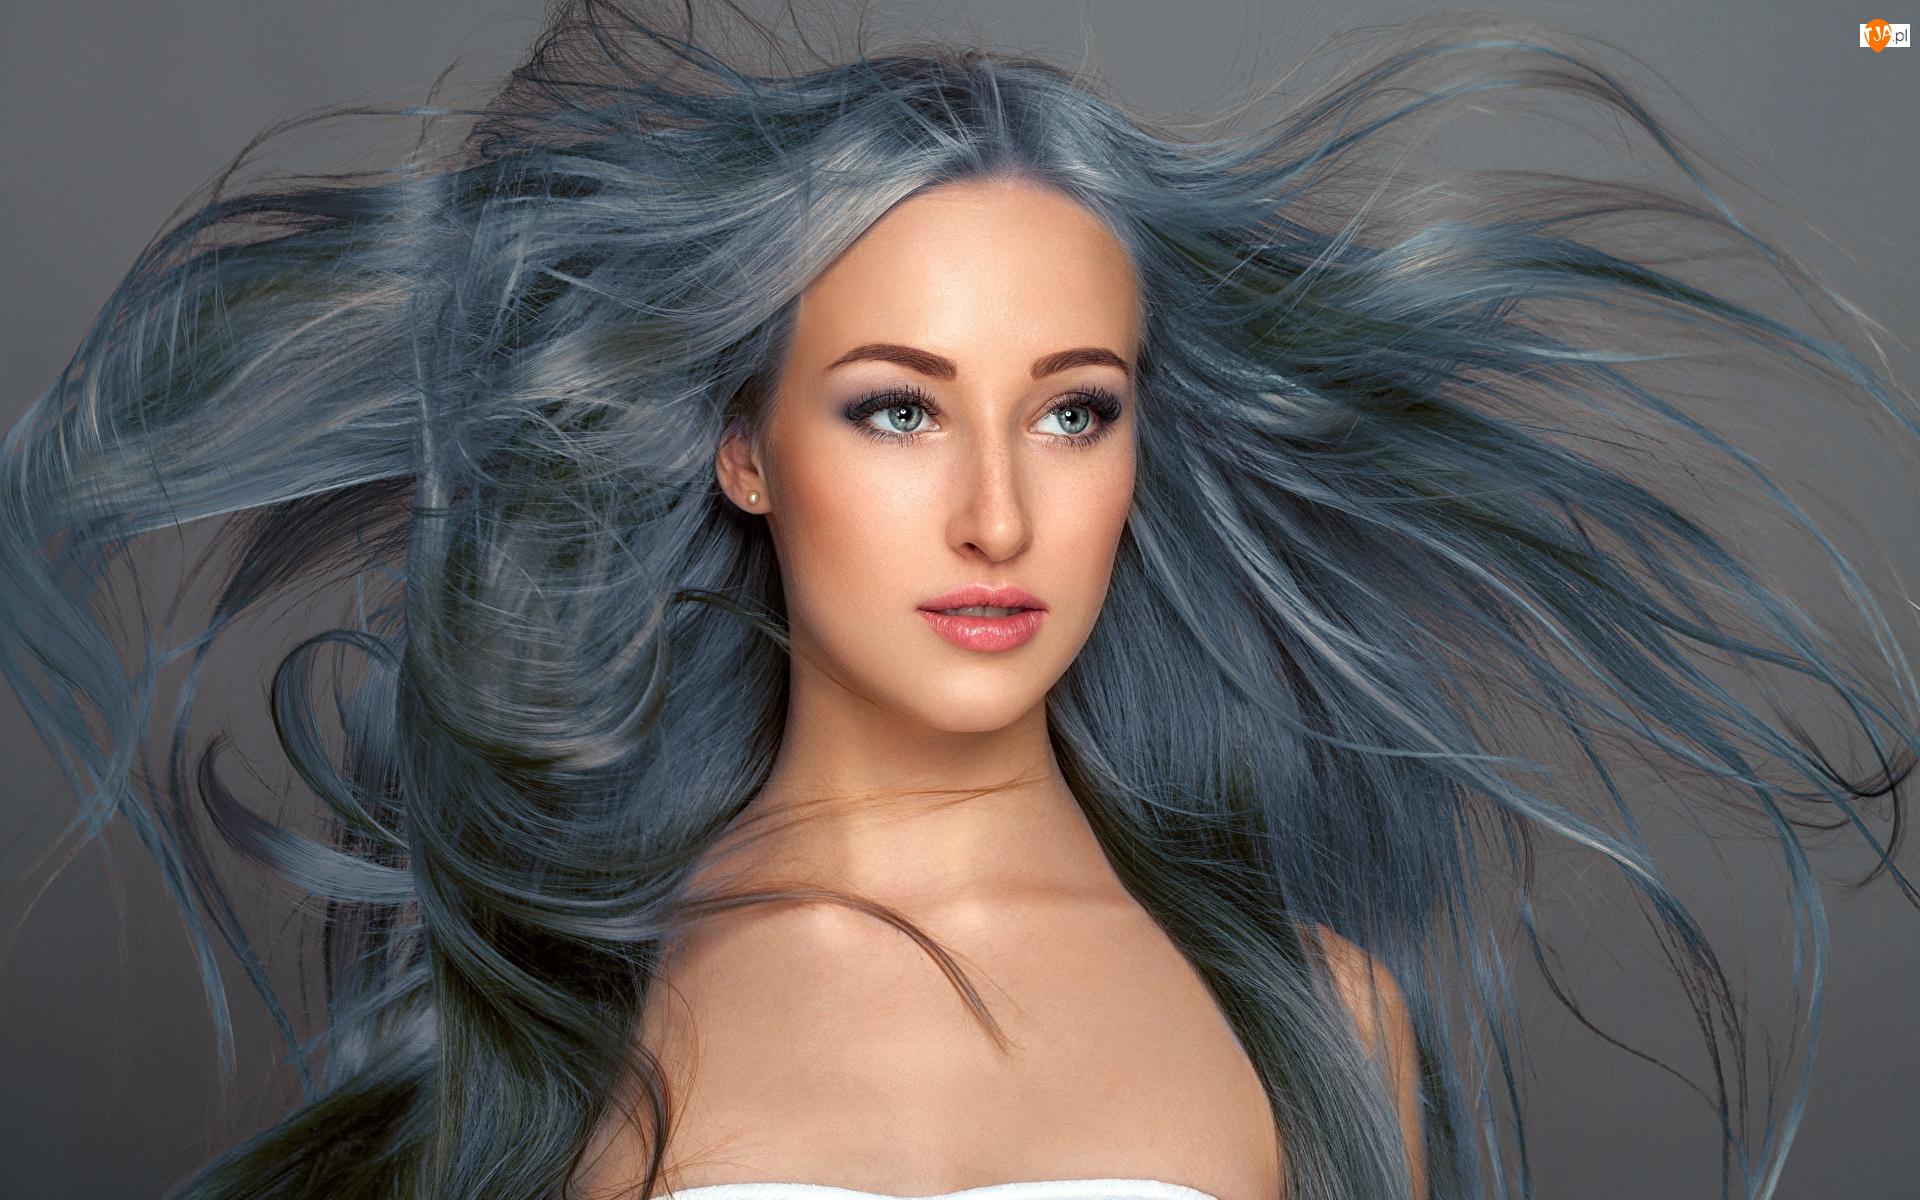 Włosy, Kobieta, Długie, Siwe